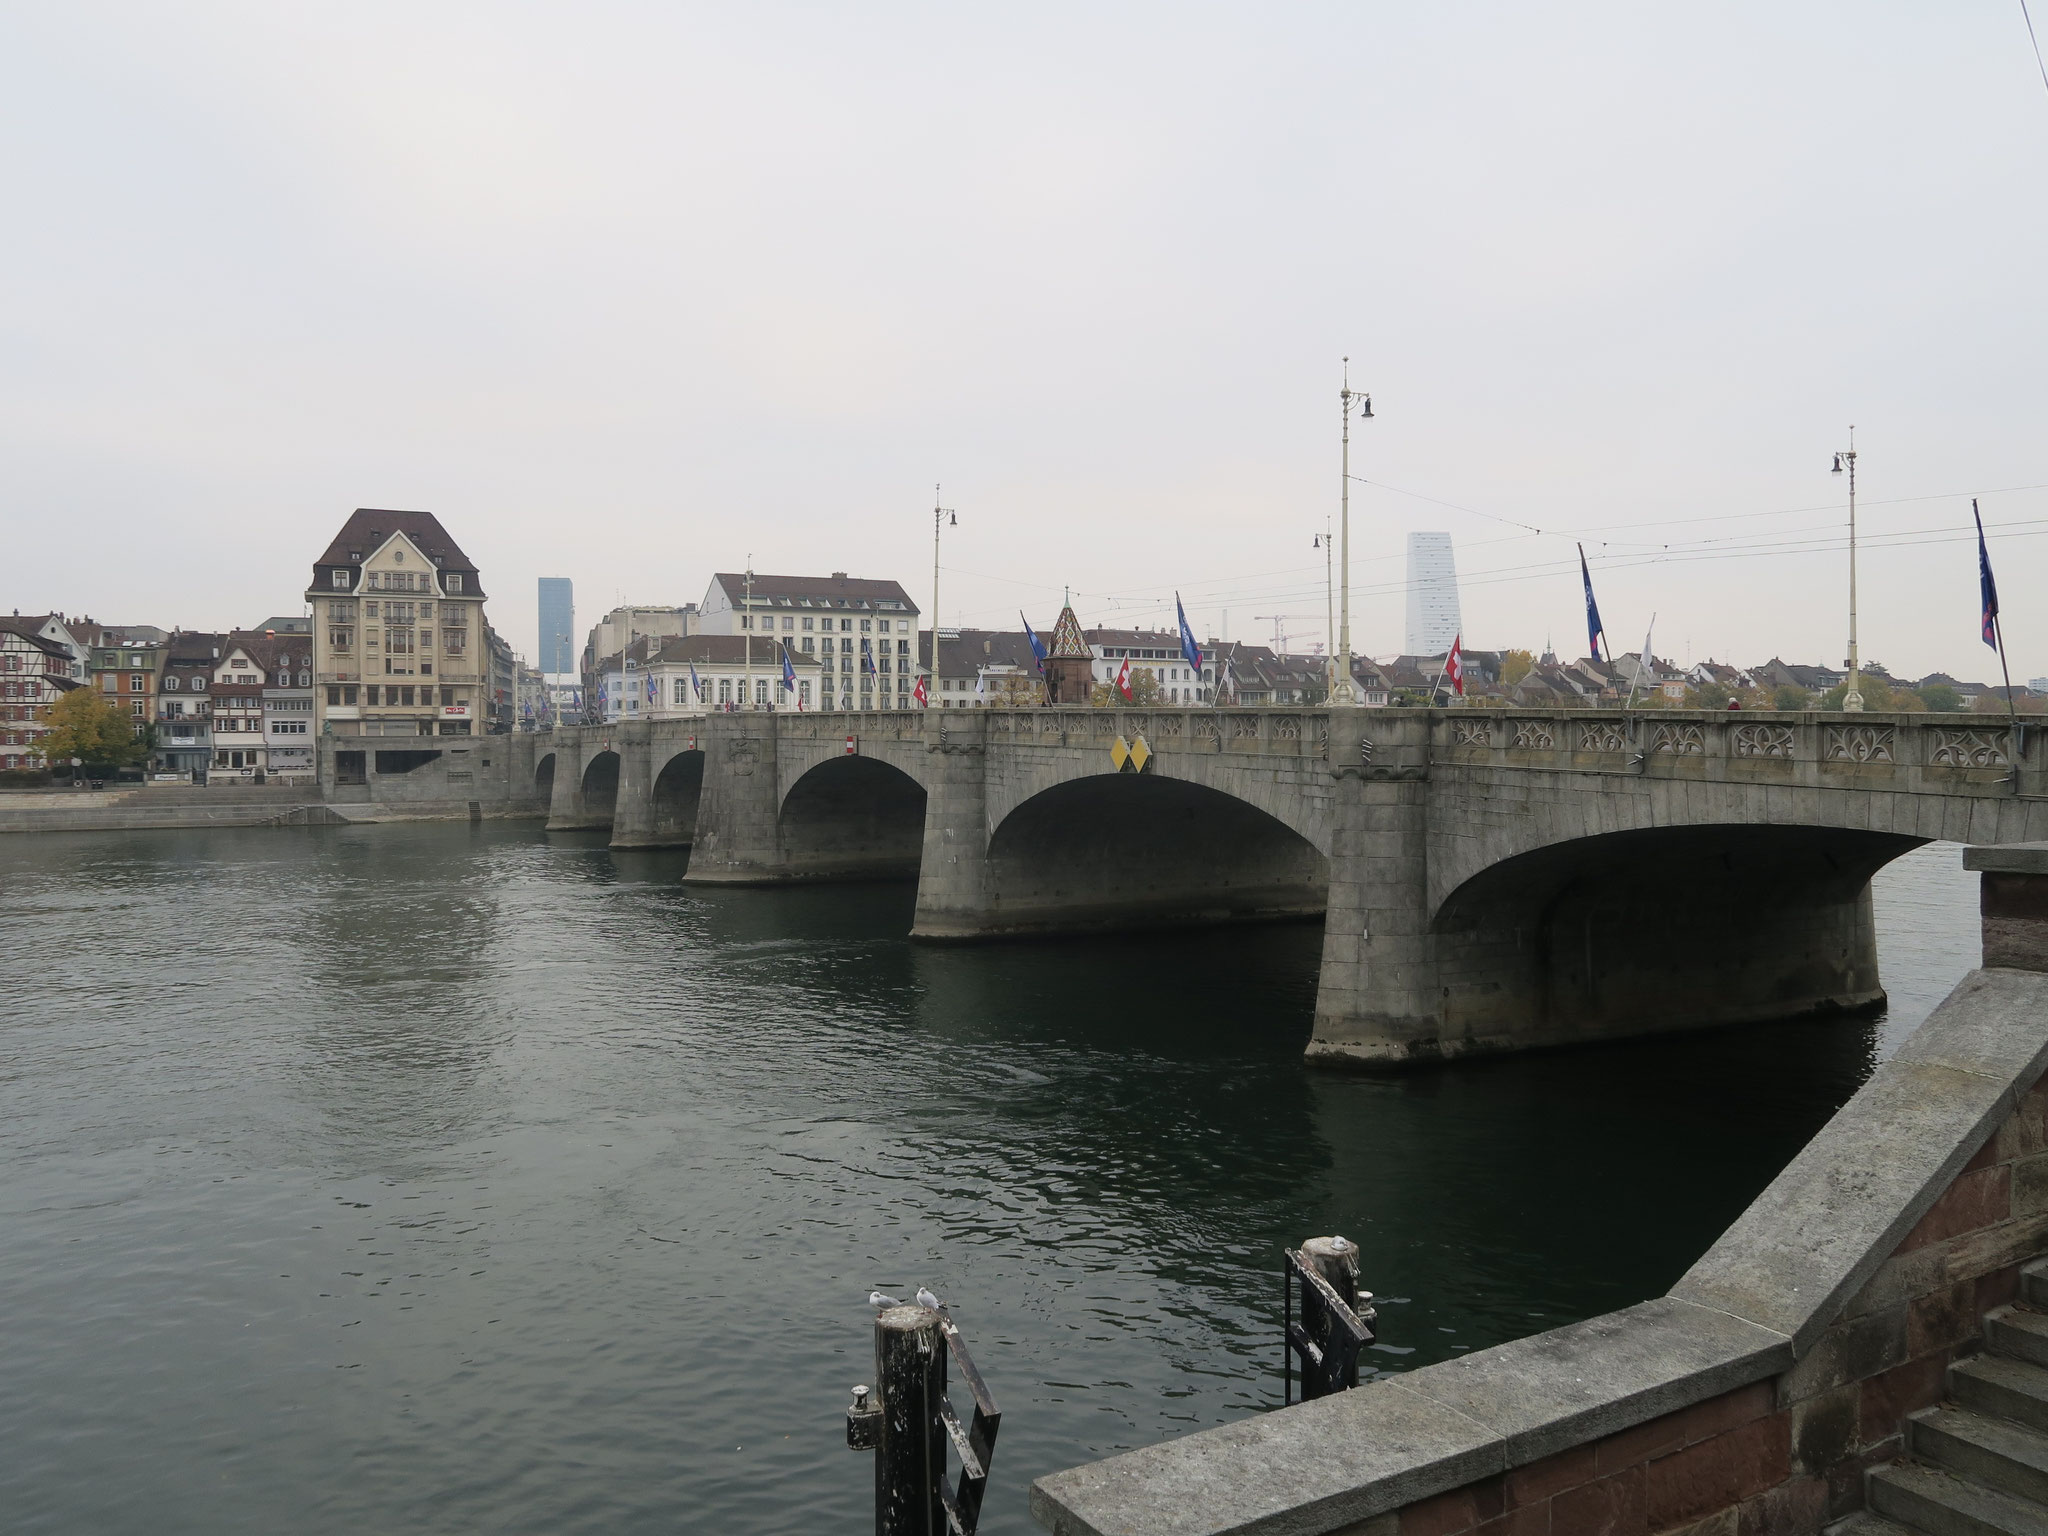 Treffpunkt bei der Schifflände Mittlere Brücke